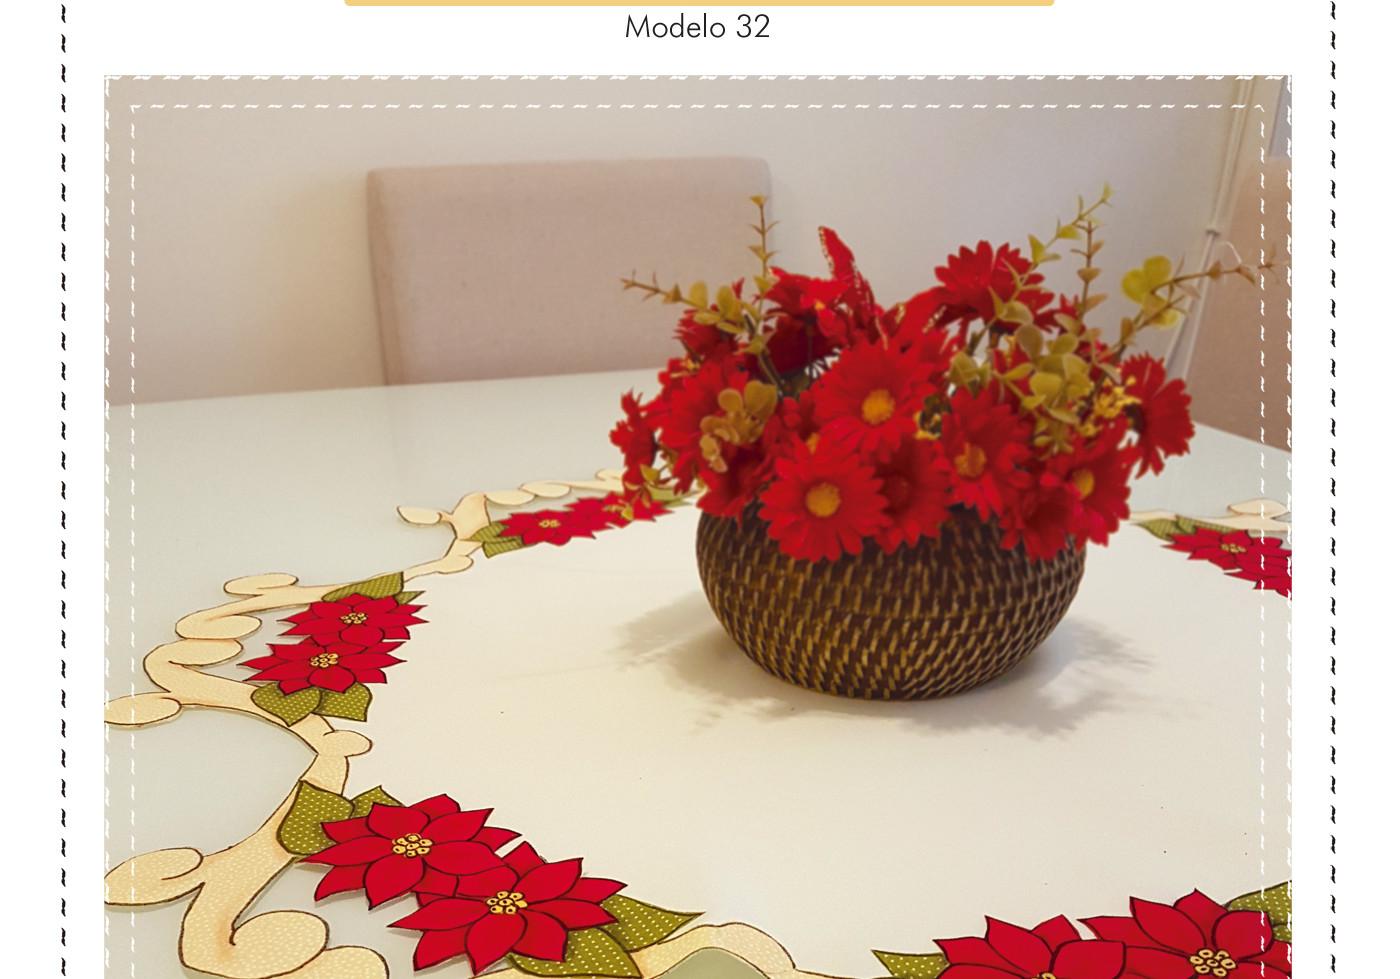 Patch Richelieu - Modelo 32 - Flor de Na